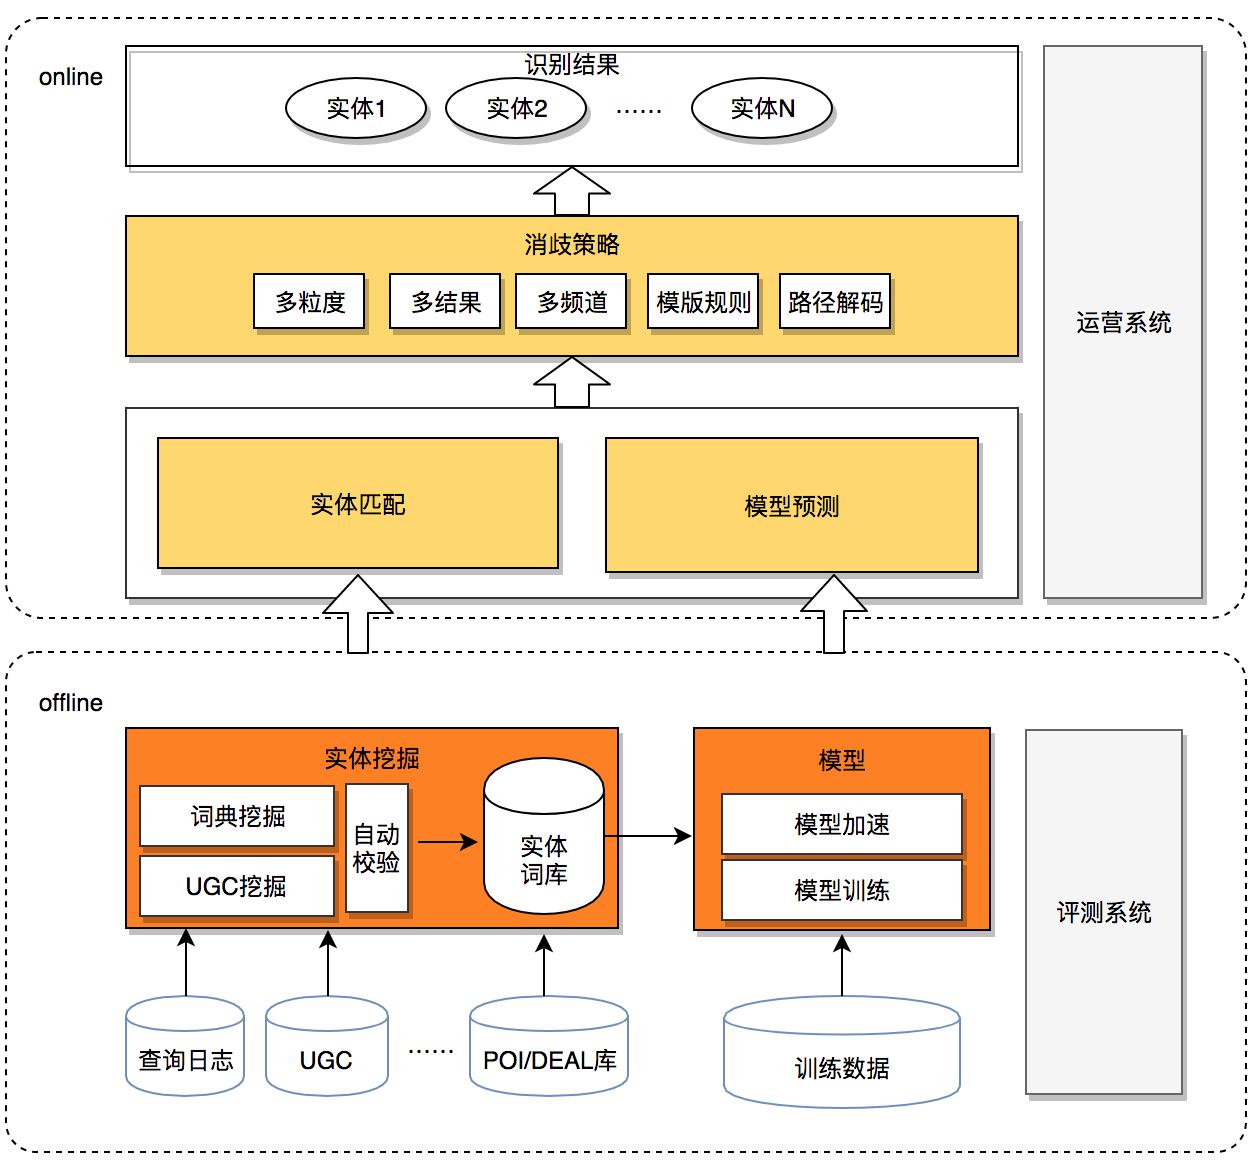 图2 实体识别整体架构